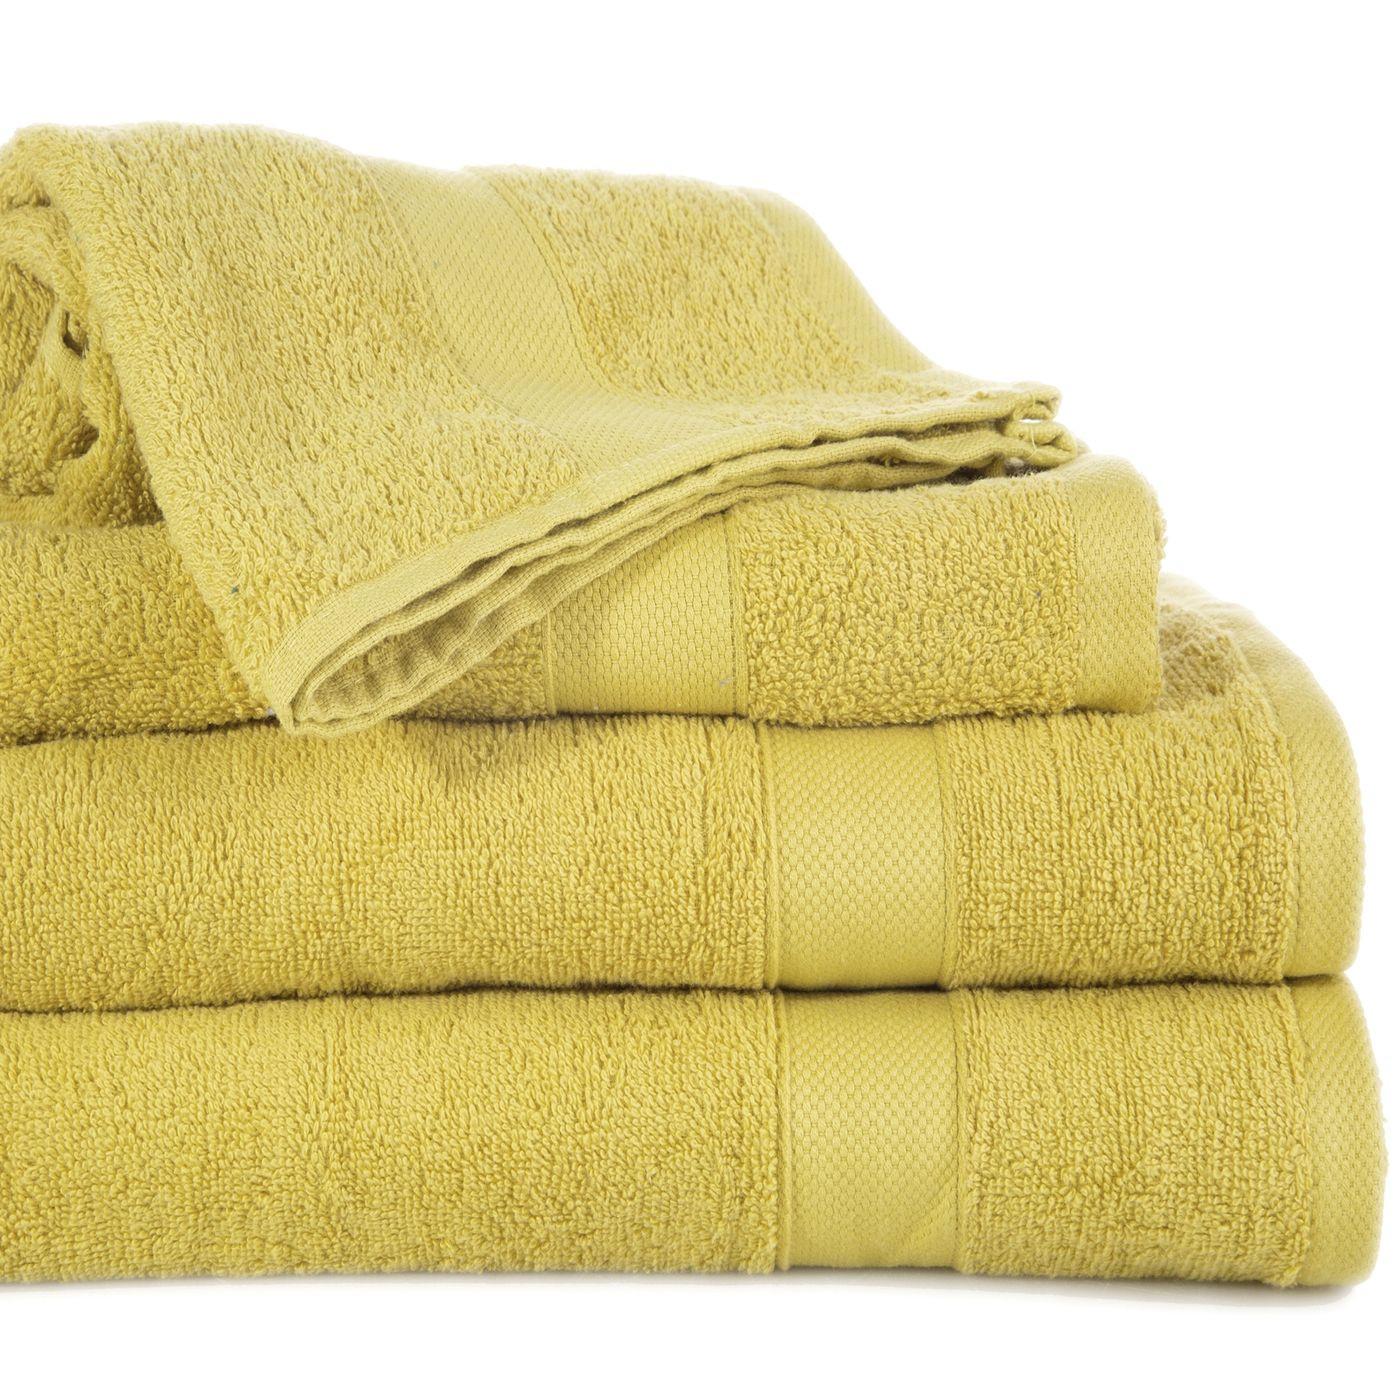 Miekki chłonny ręcznik kąpielowy musztardowy 50x90